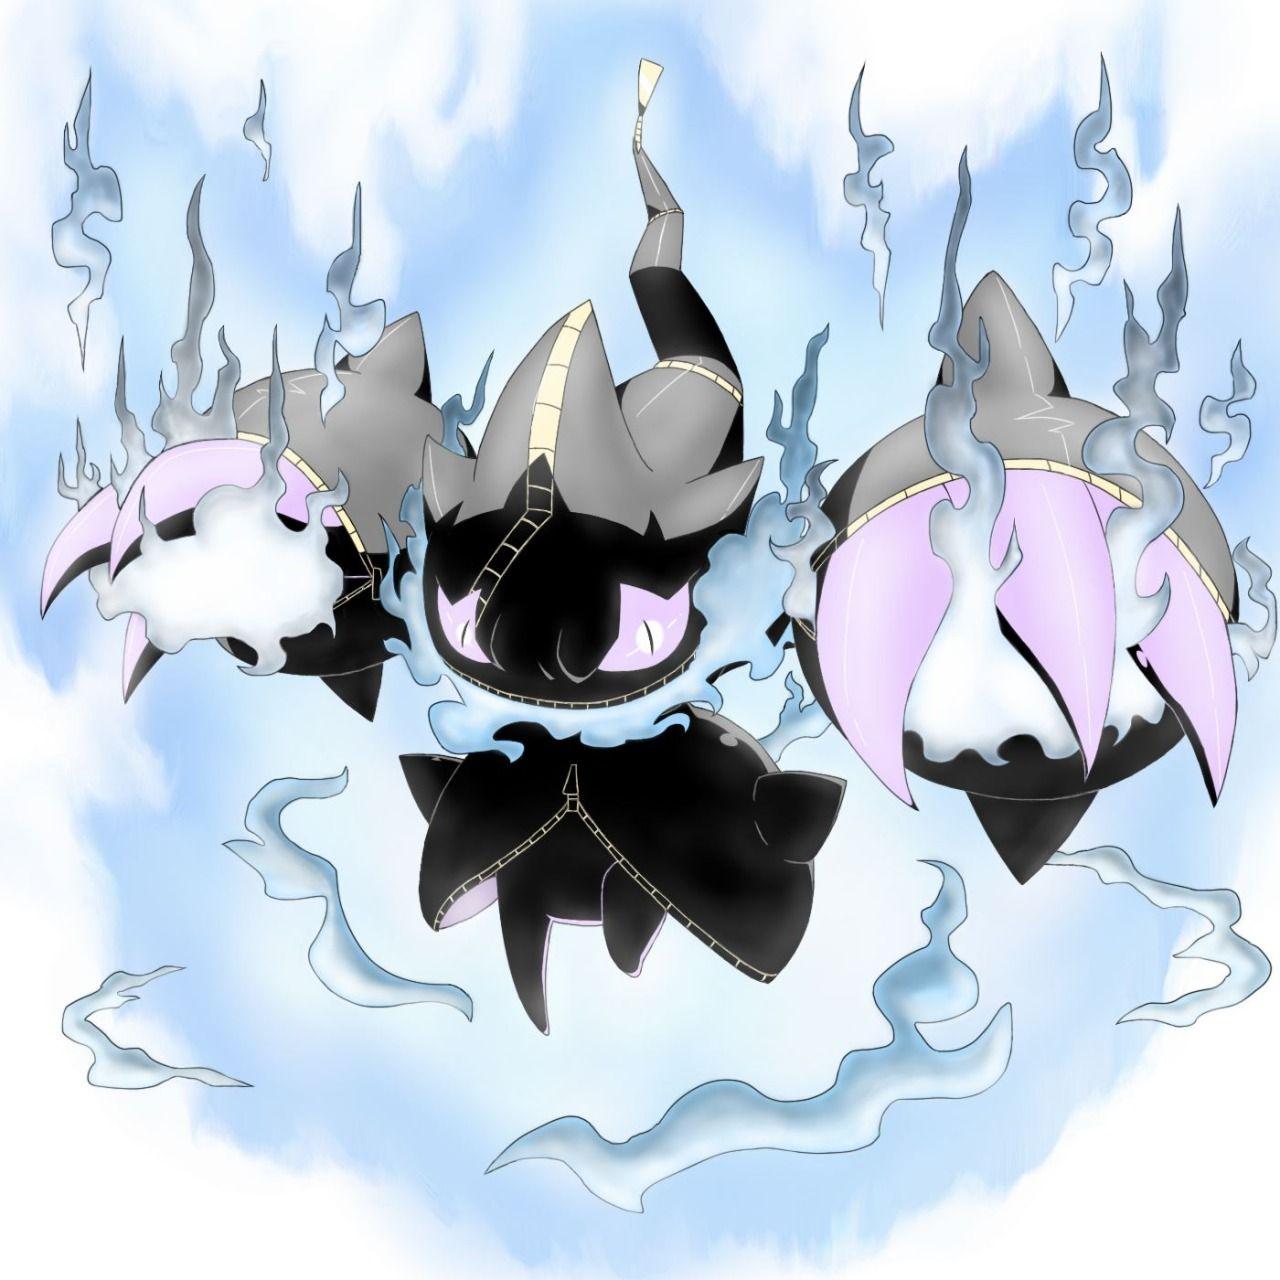 Mega banette pok mon pinterest pok mon manga games - Branette pokemon y ...